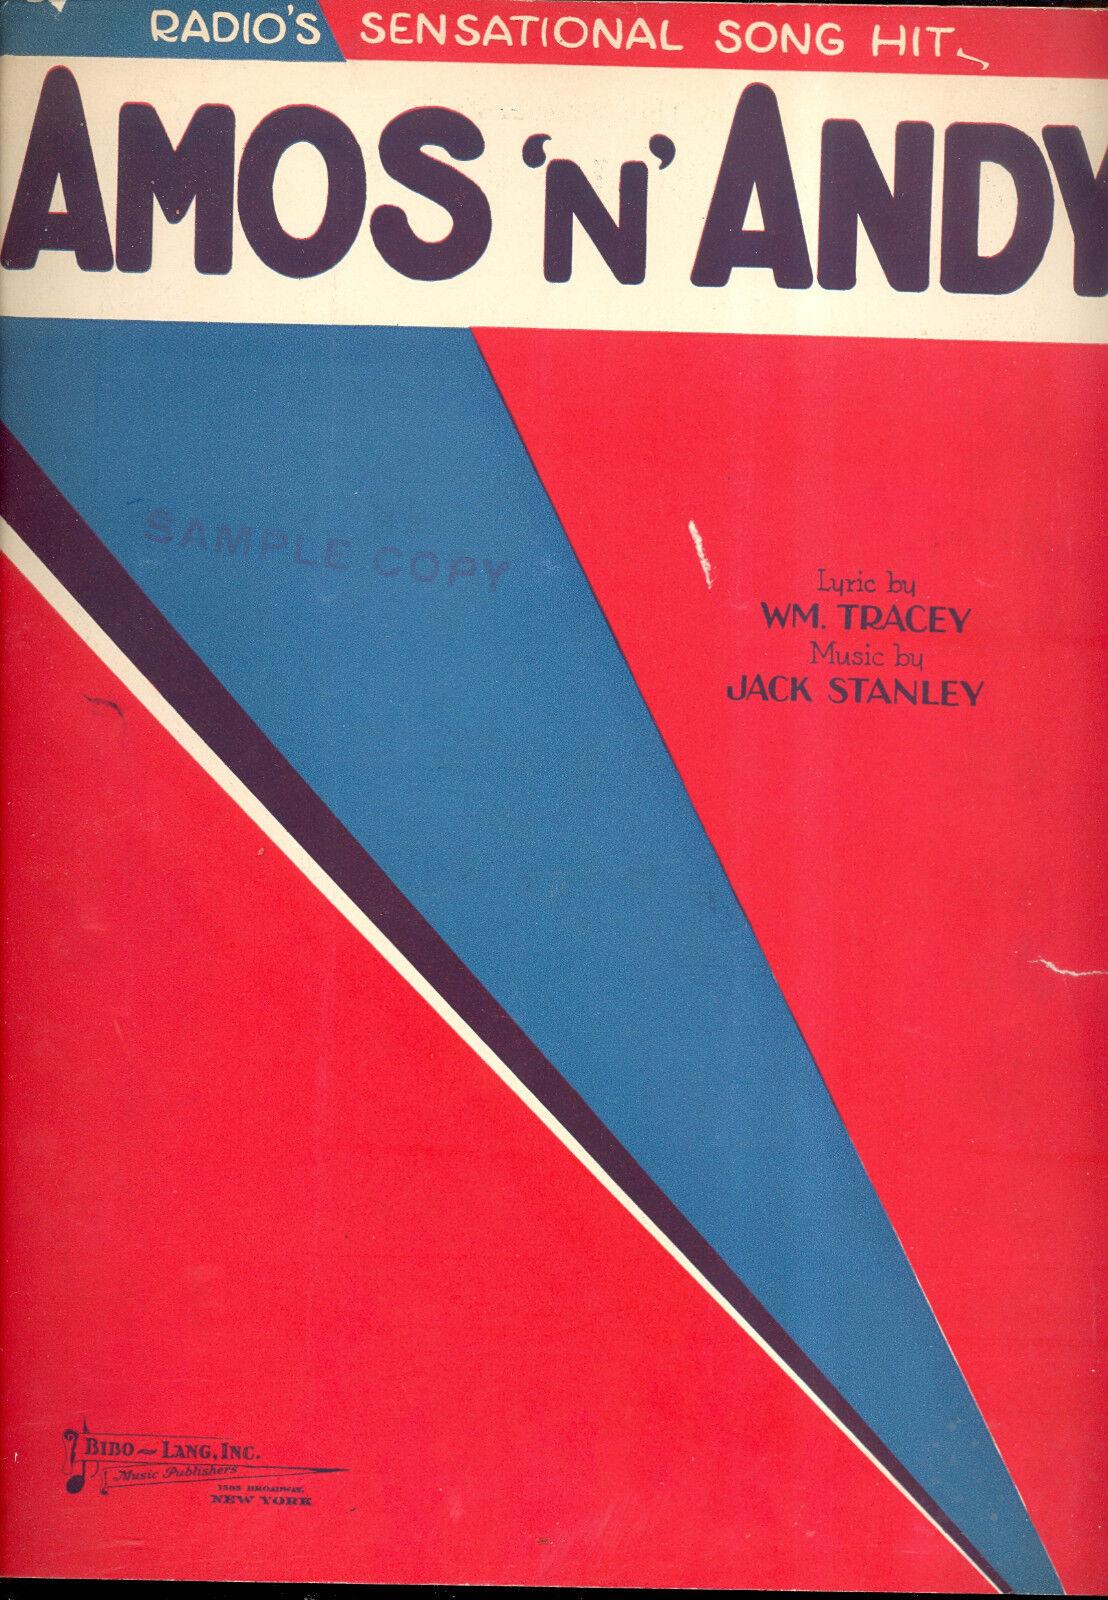 Amos 'n' Andy Notenblatt   Amos 'n' Andy   Funkgerät